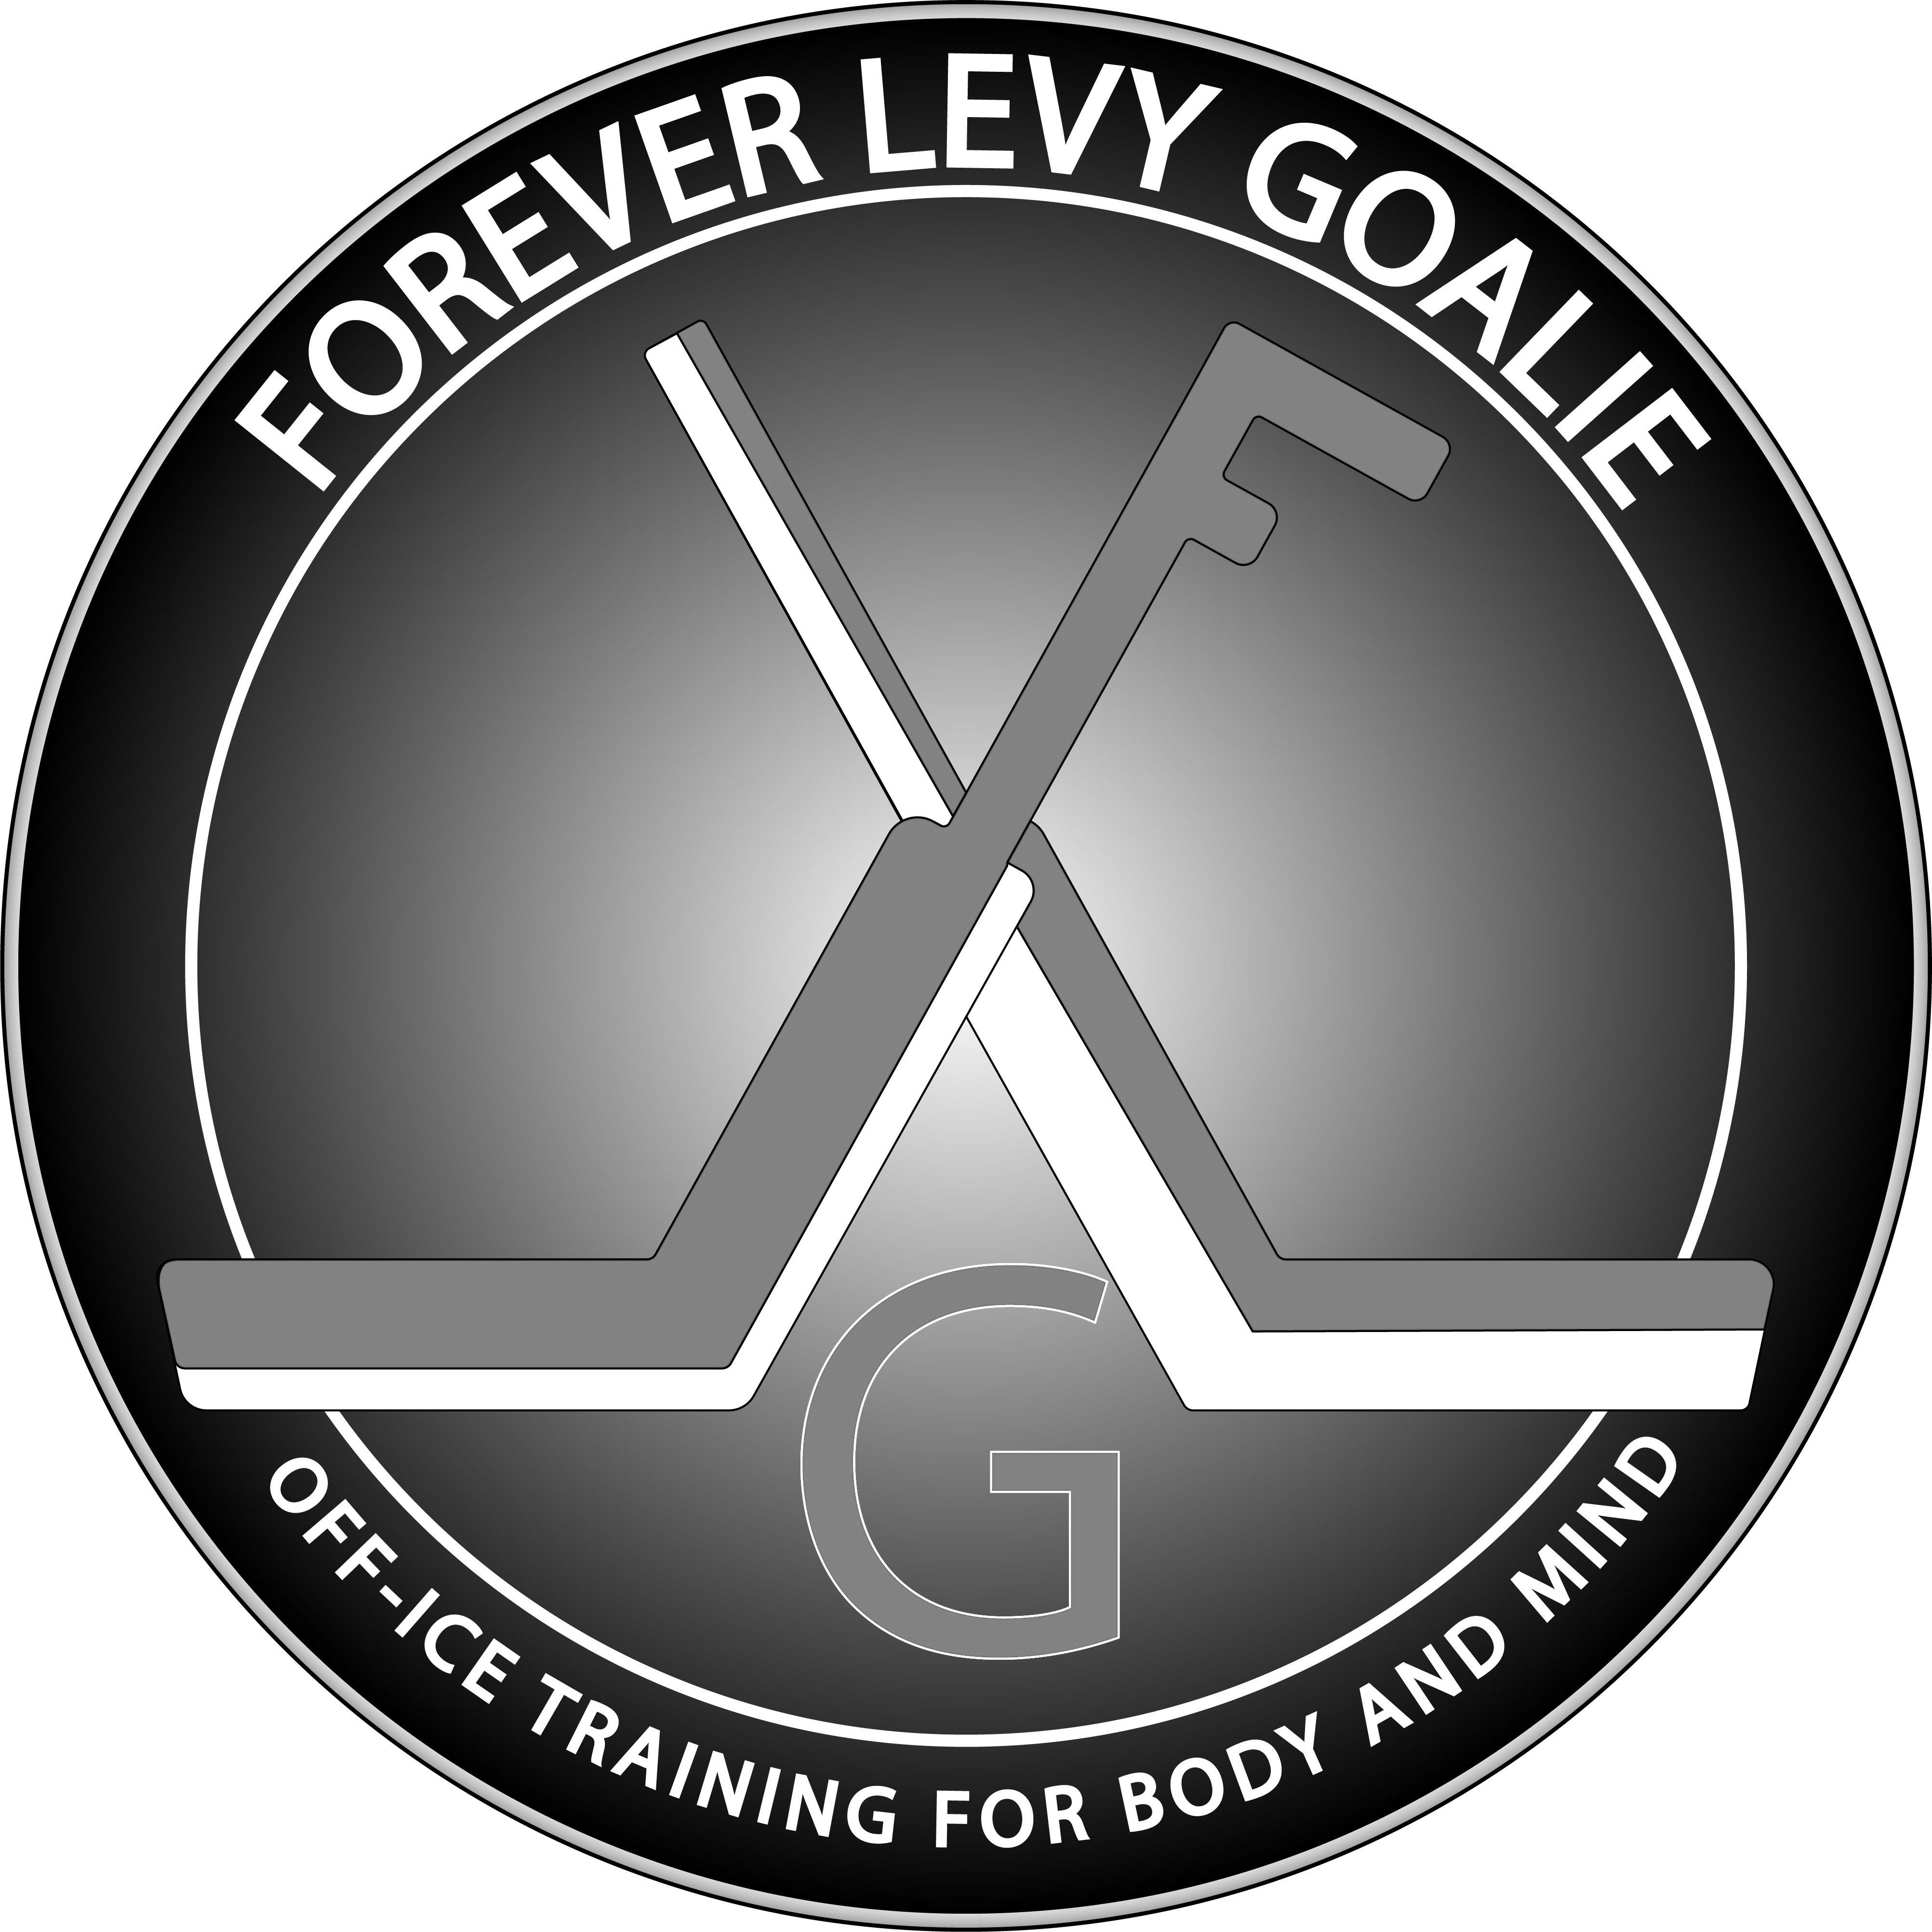 Forever Levy Goalie logo